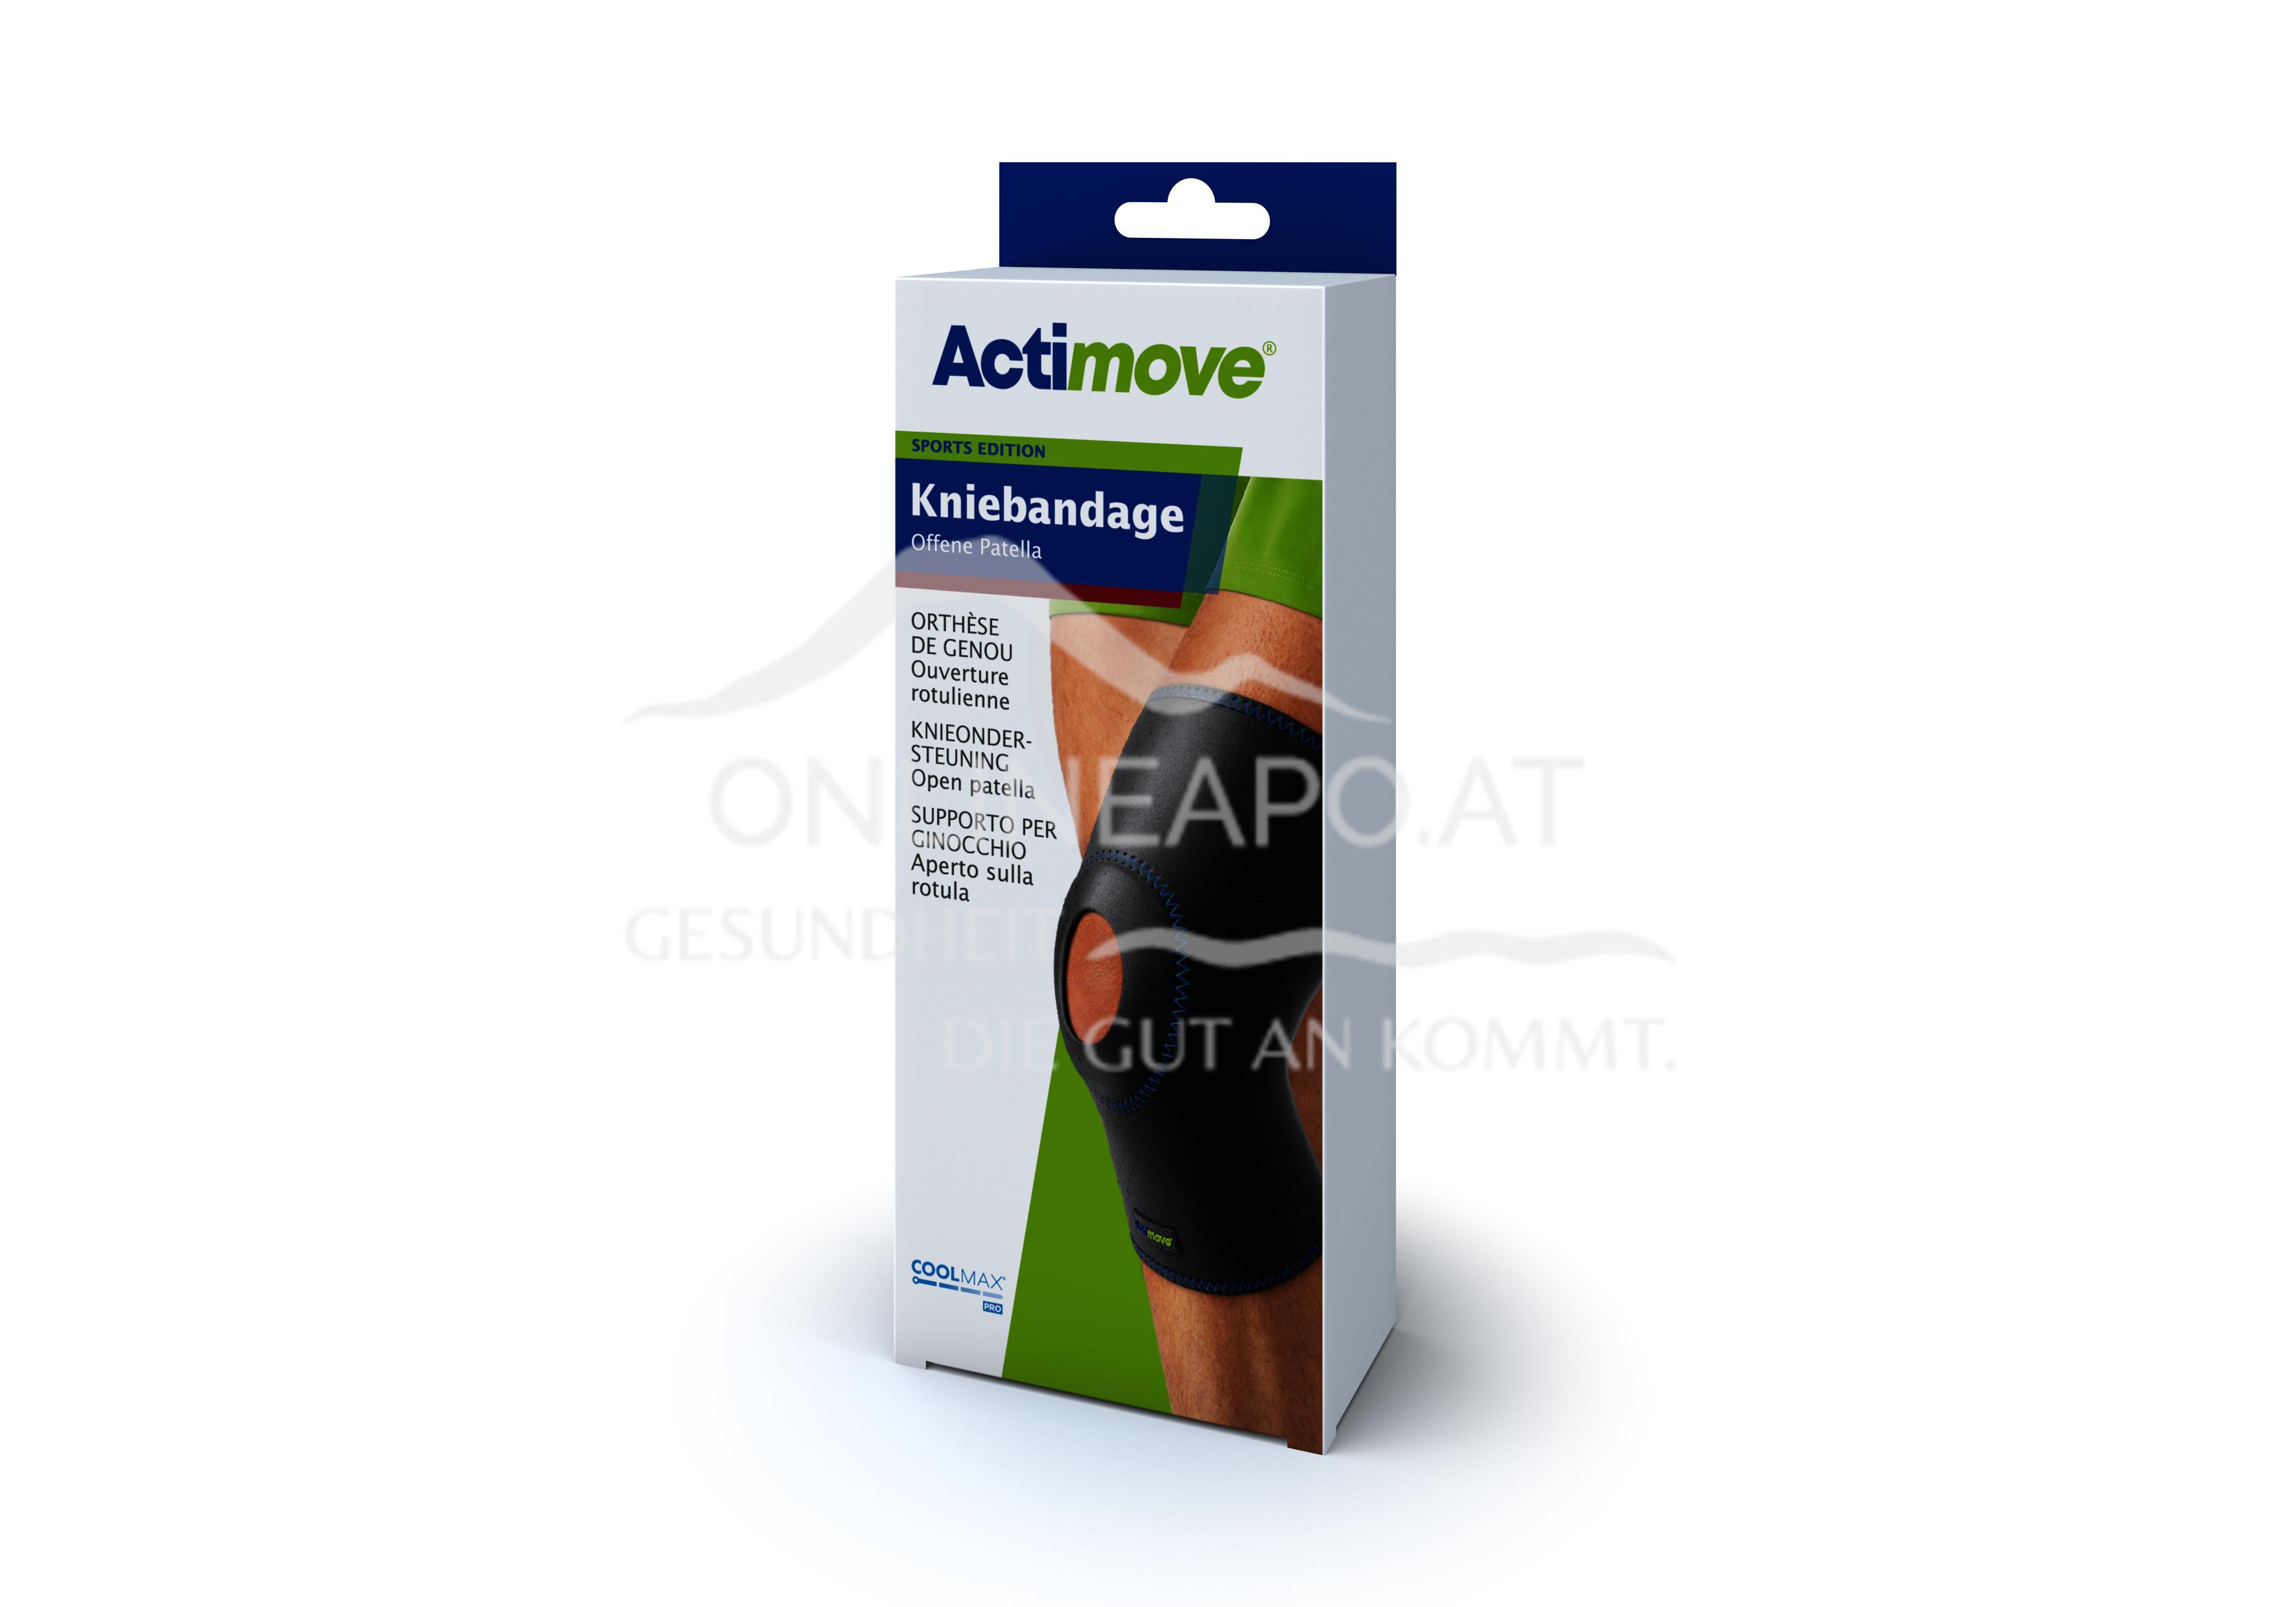 Actimove® Sport Edition Kniebandage Offene Patella Größe M